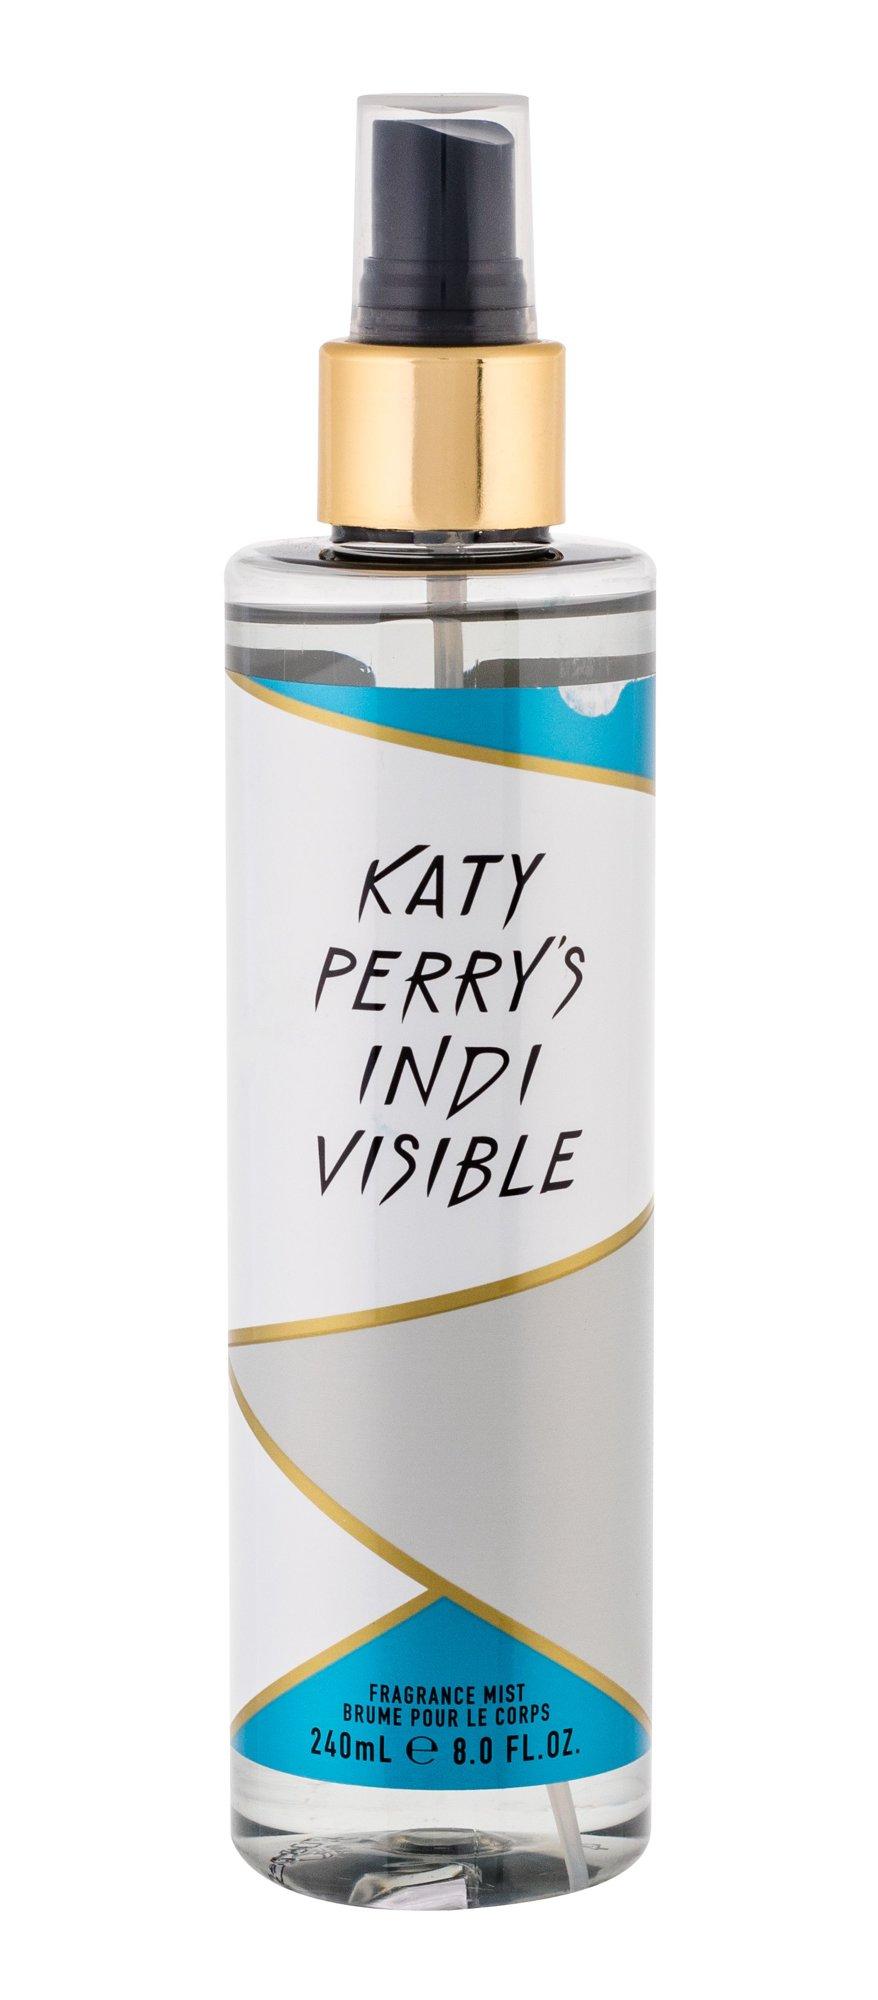 Katy Perry Katy Perry´s Indi Body Spray 240ml